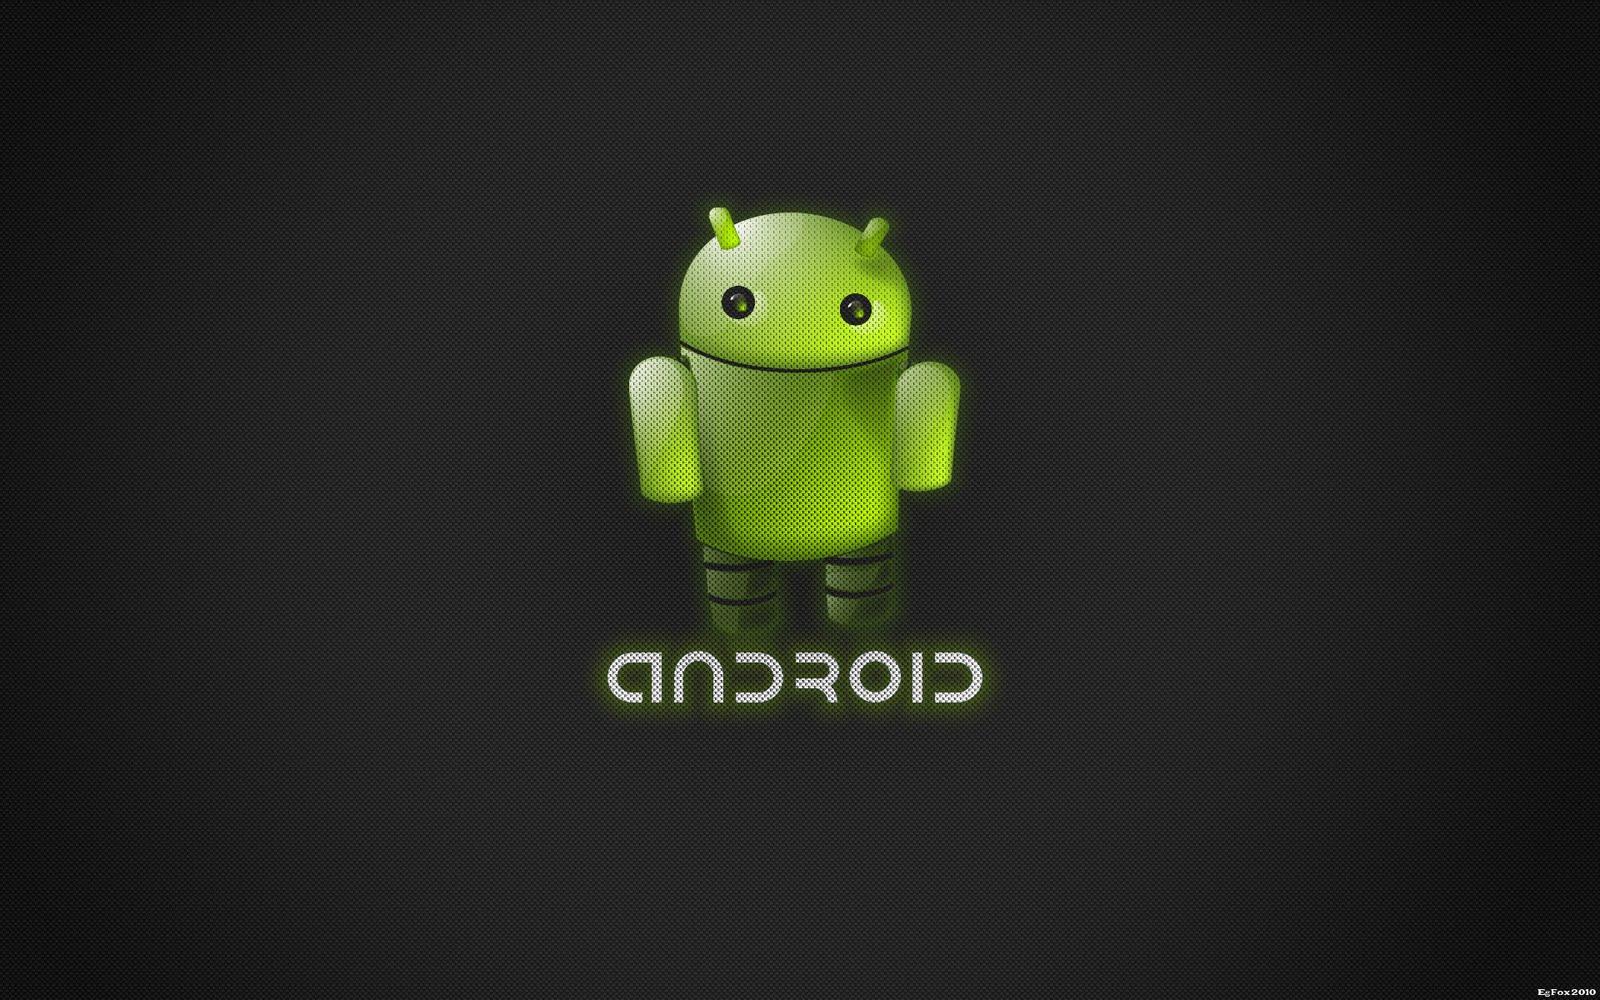 http://2.bp.blogspot.com/-0mT7izsp-AE/TgjmvJCbCZI/AAAAAAAAEk4/VuyuiGx3nc8/s1600/android_wallpapers_os_by_spikepass-d2zhdny.jpg